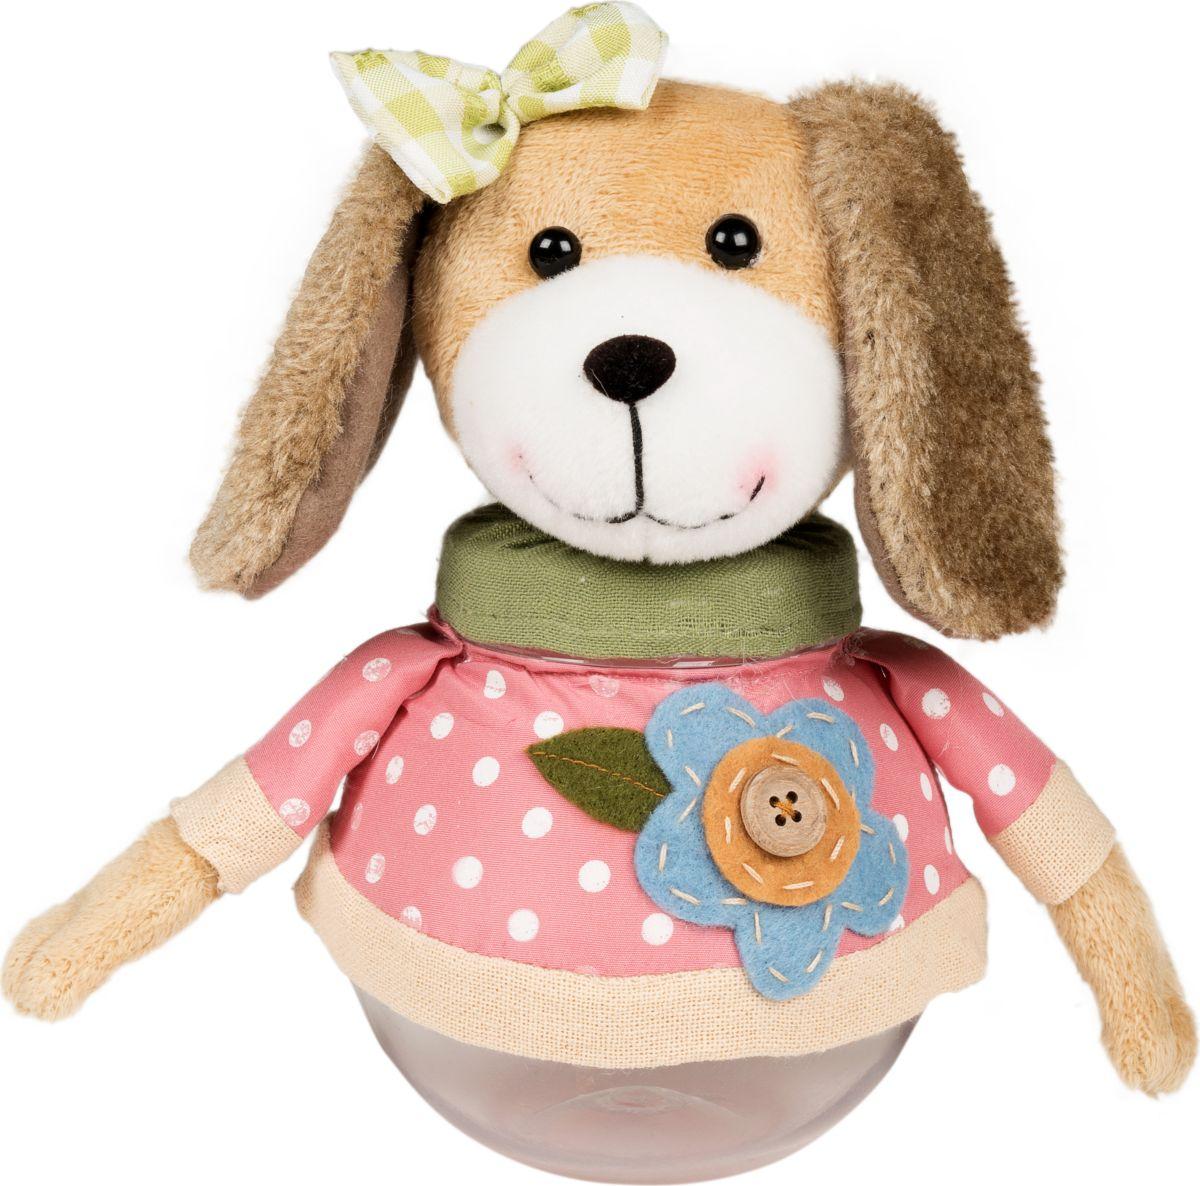 Фигурка праздничная Estro Розовая собачка (контейнер)YD130178Интерьерная игрушка ESTRO ручной работы. Собачка - контейнер, это игрушка для подарков, в ней можно хранить всякую мелочь. Можно использовать как шкатулку или копилку. Пригодится в детской комнате, на кухни, в гостиной. Верхняя часть фигурки откручивается.